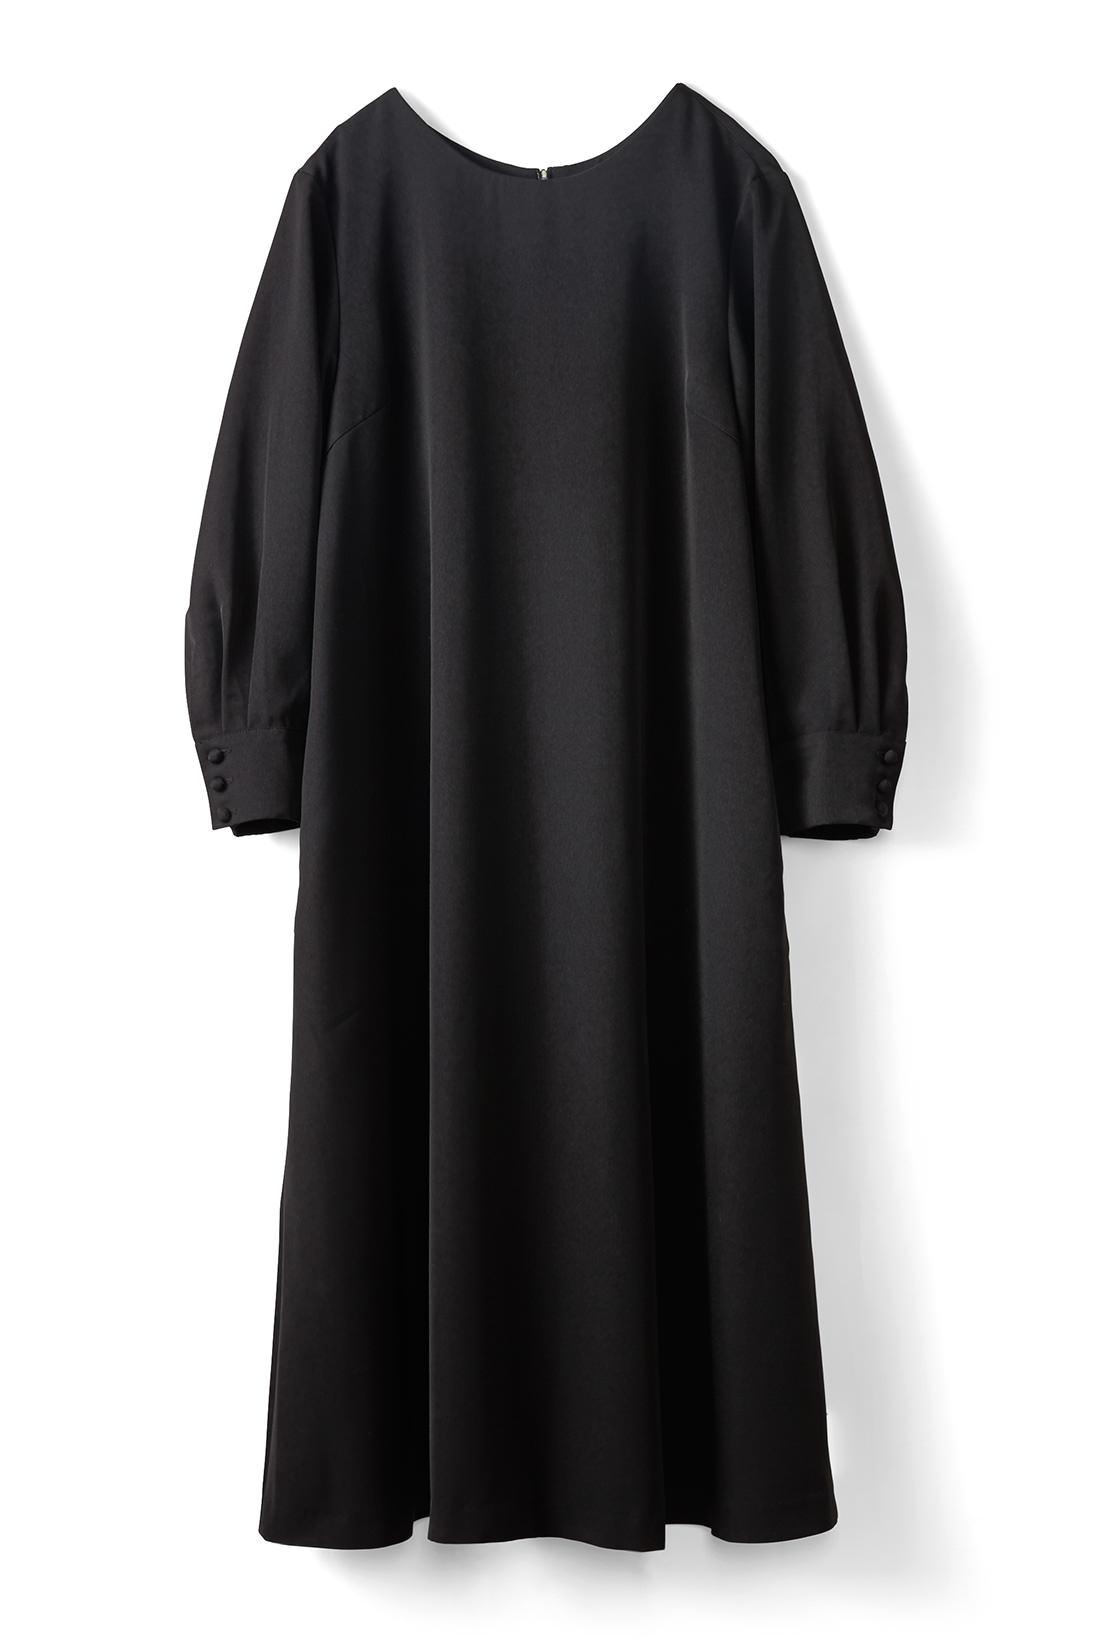 よりフォーマルに着られる〈ブラック〉